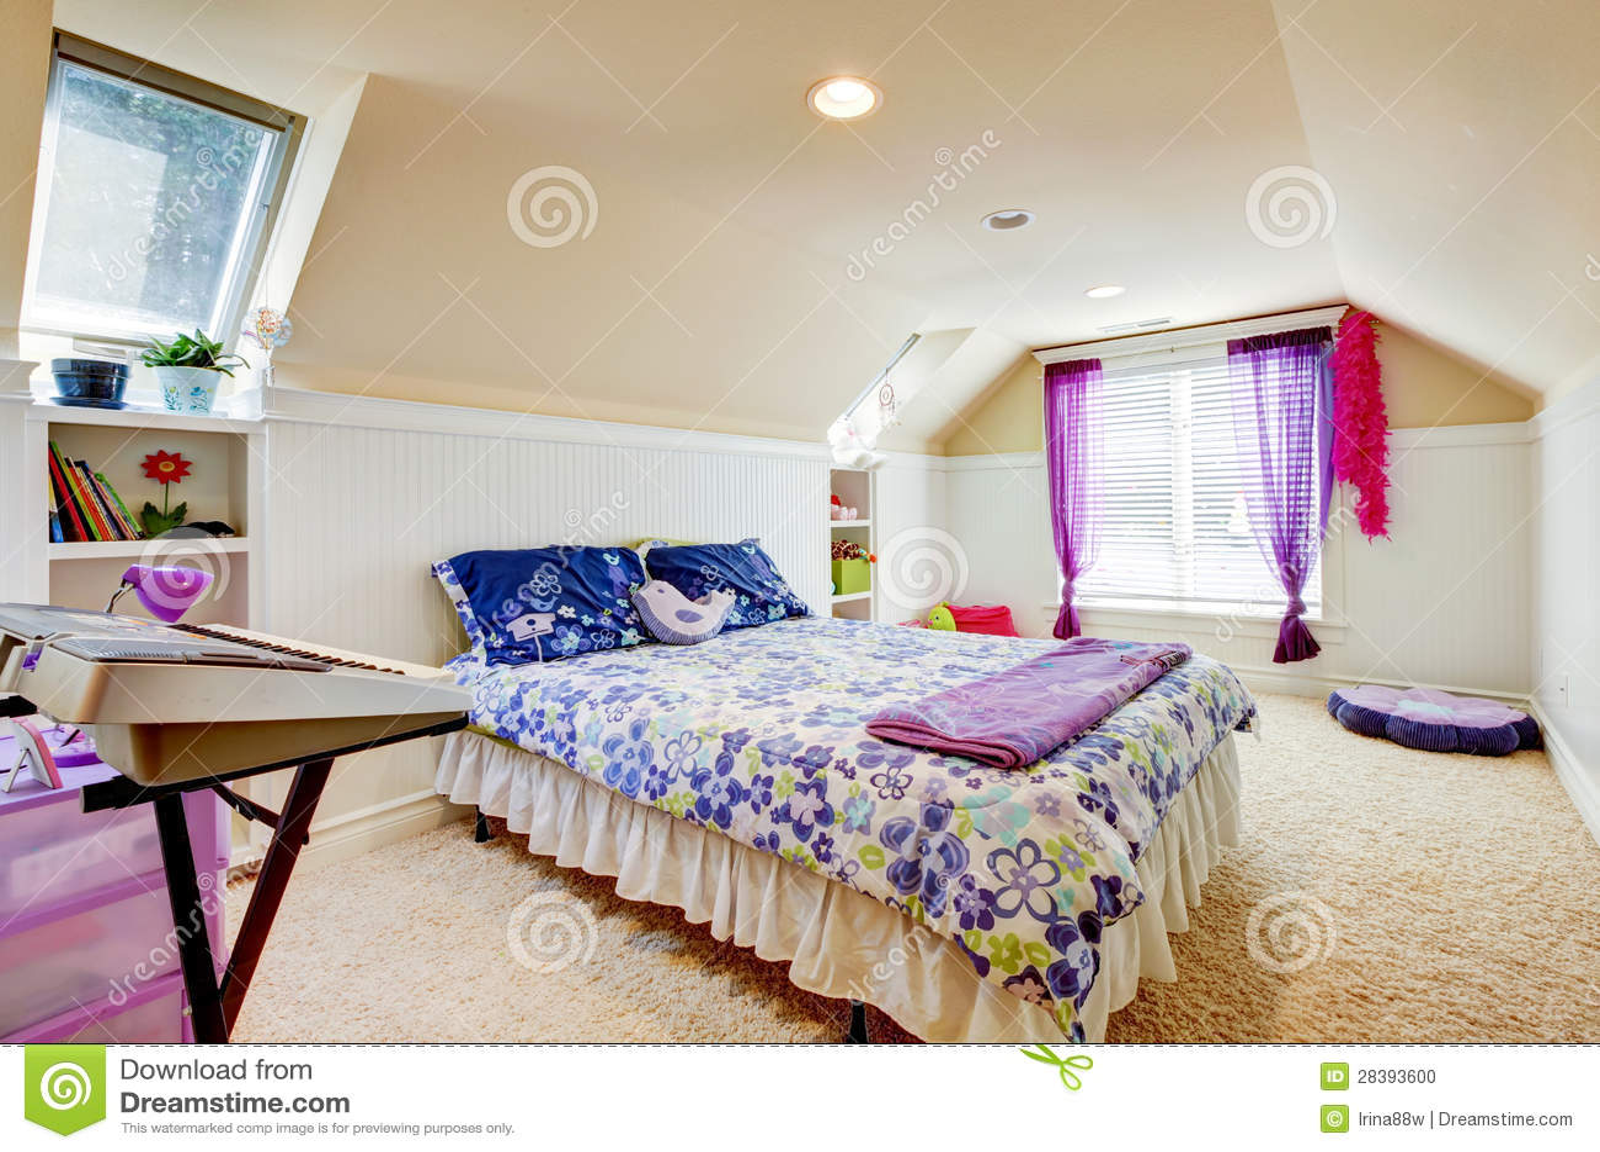 De slaapkamer van het meisje met zolderplafond en beige tapijt met speelgoed stock foto for Meisje slaapkamer idee